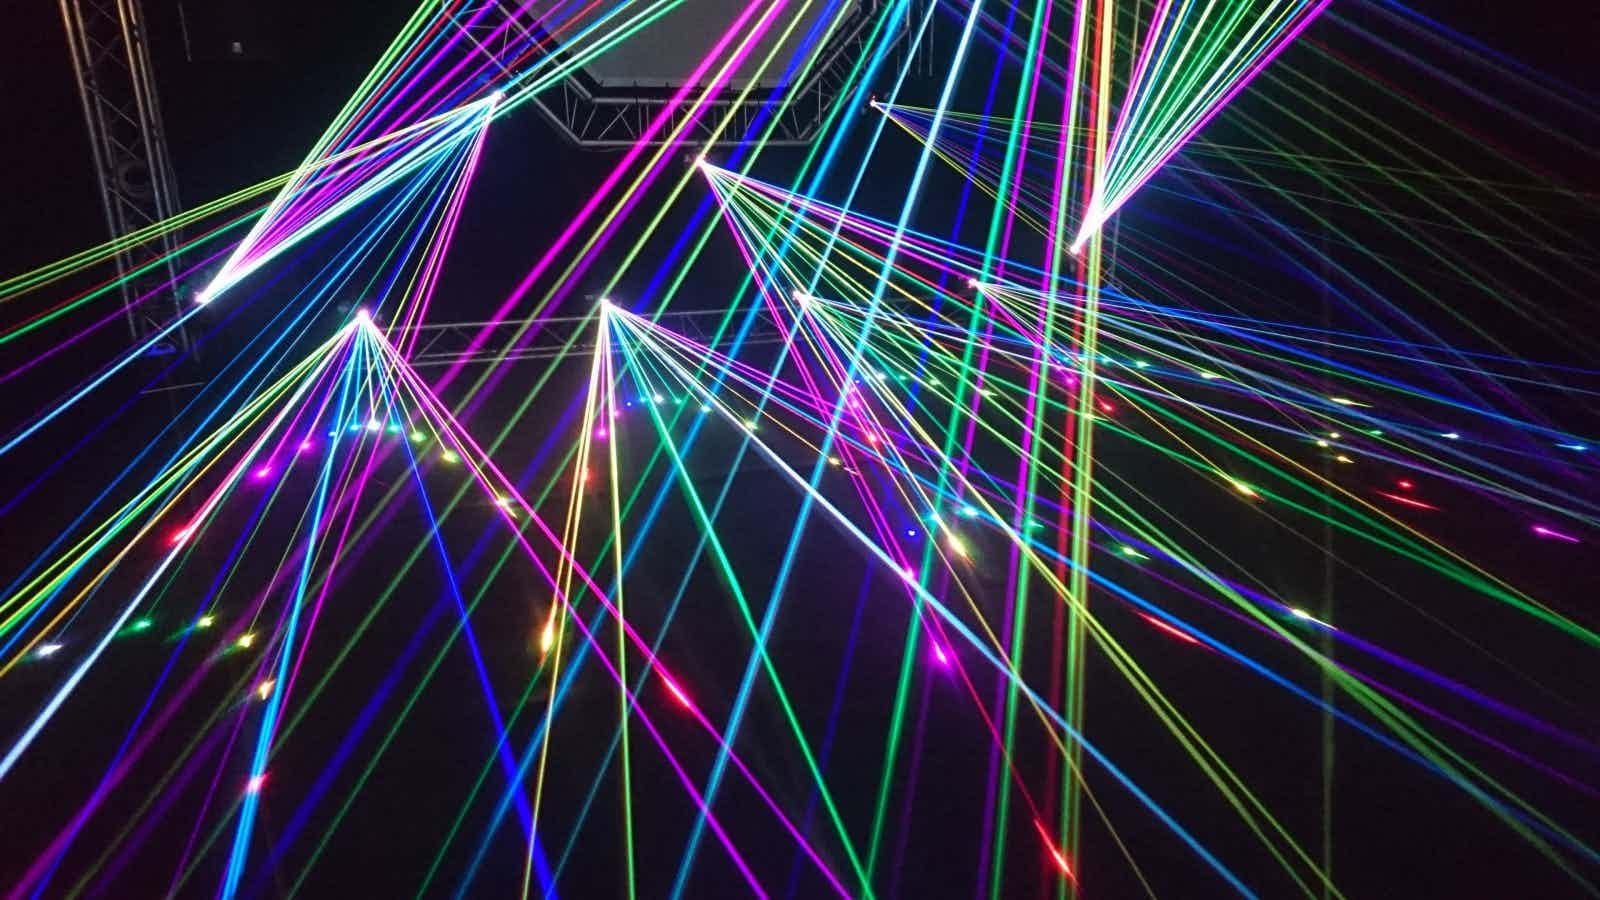 art-blur-bright-417458